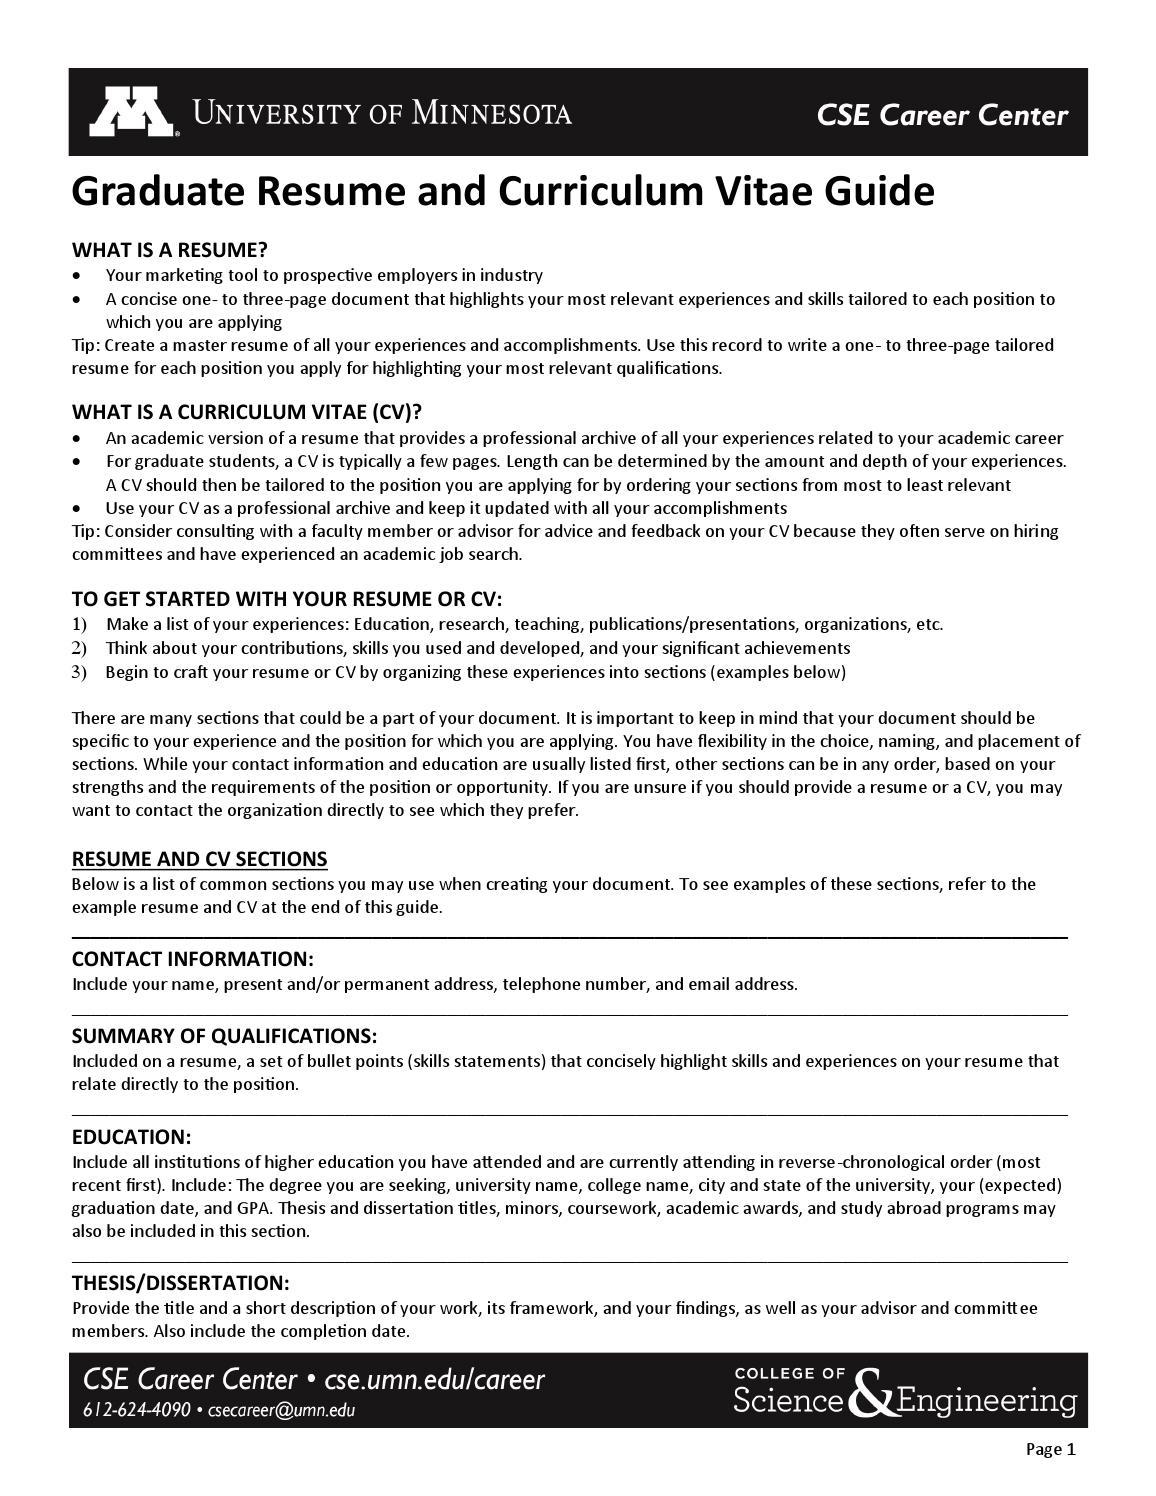 graduate resume and curriculum vitae guide by armenatzoglou maria